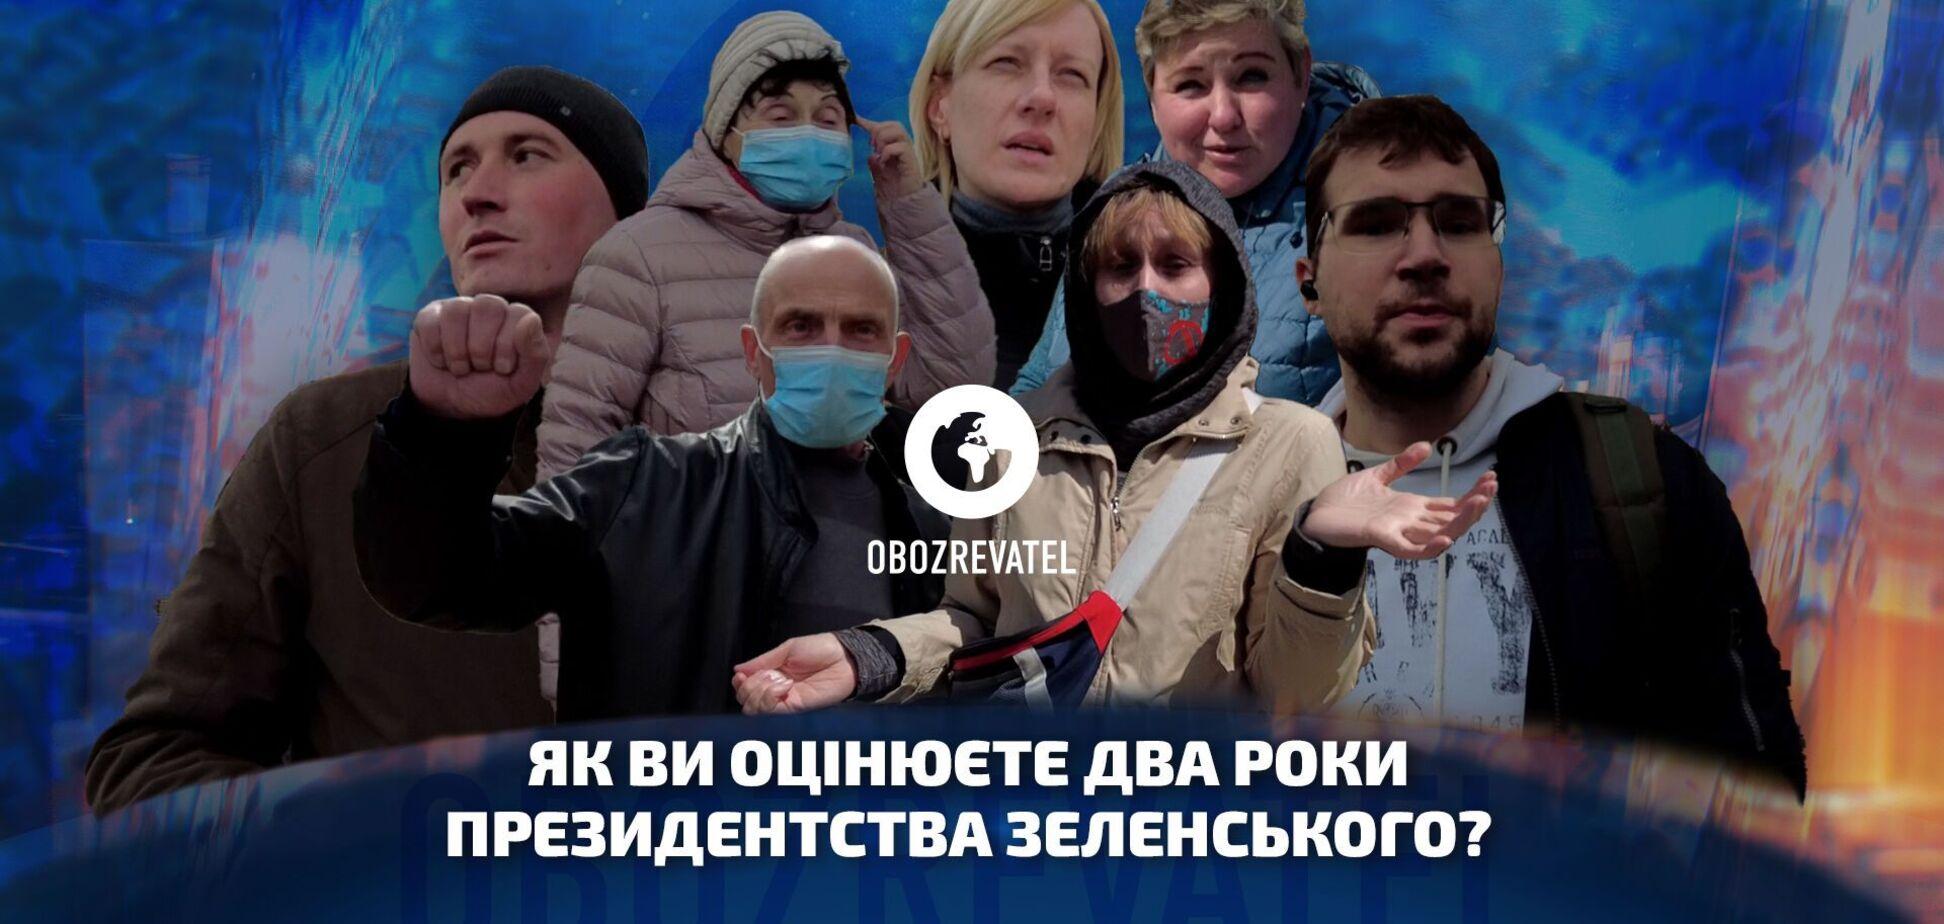 Два роки президентства Зеленського: думки українців